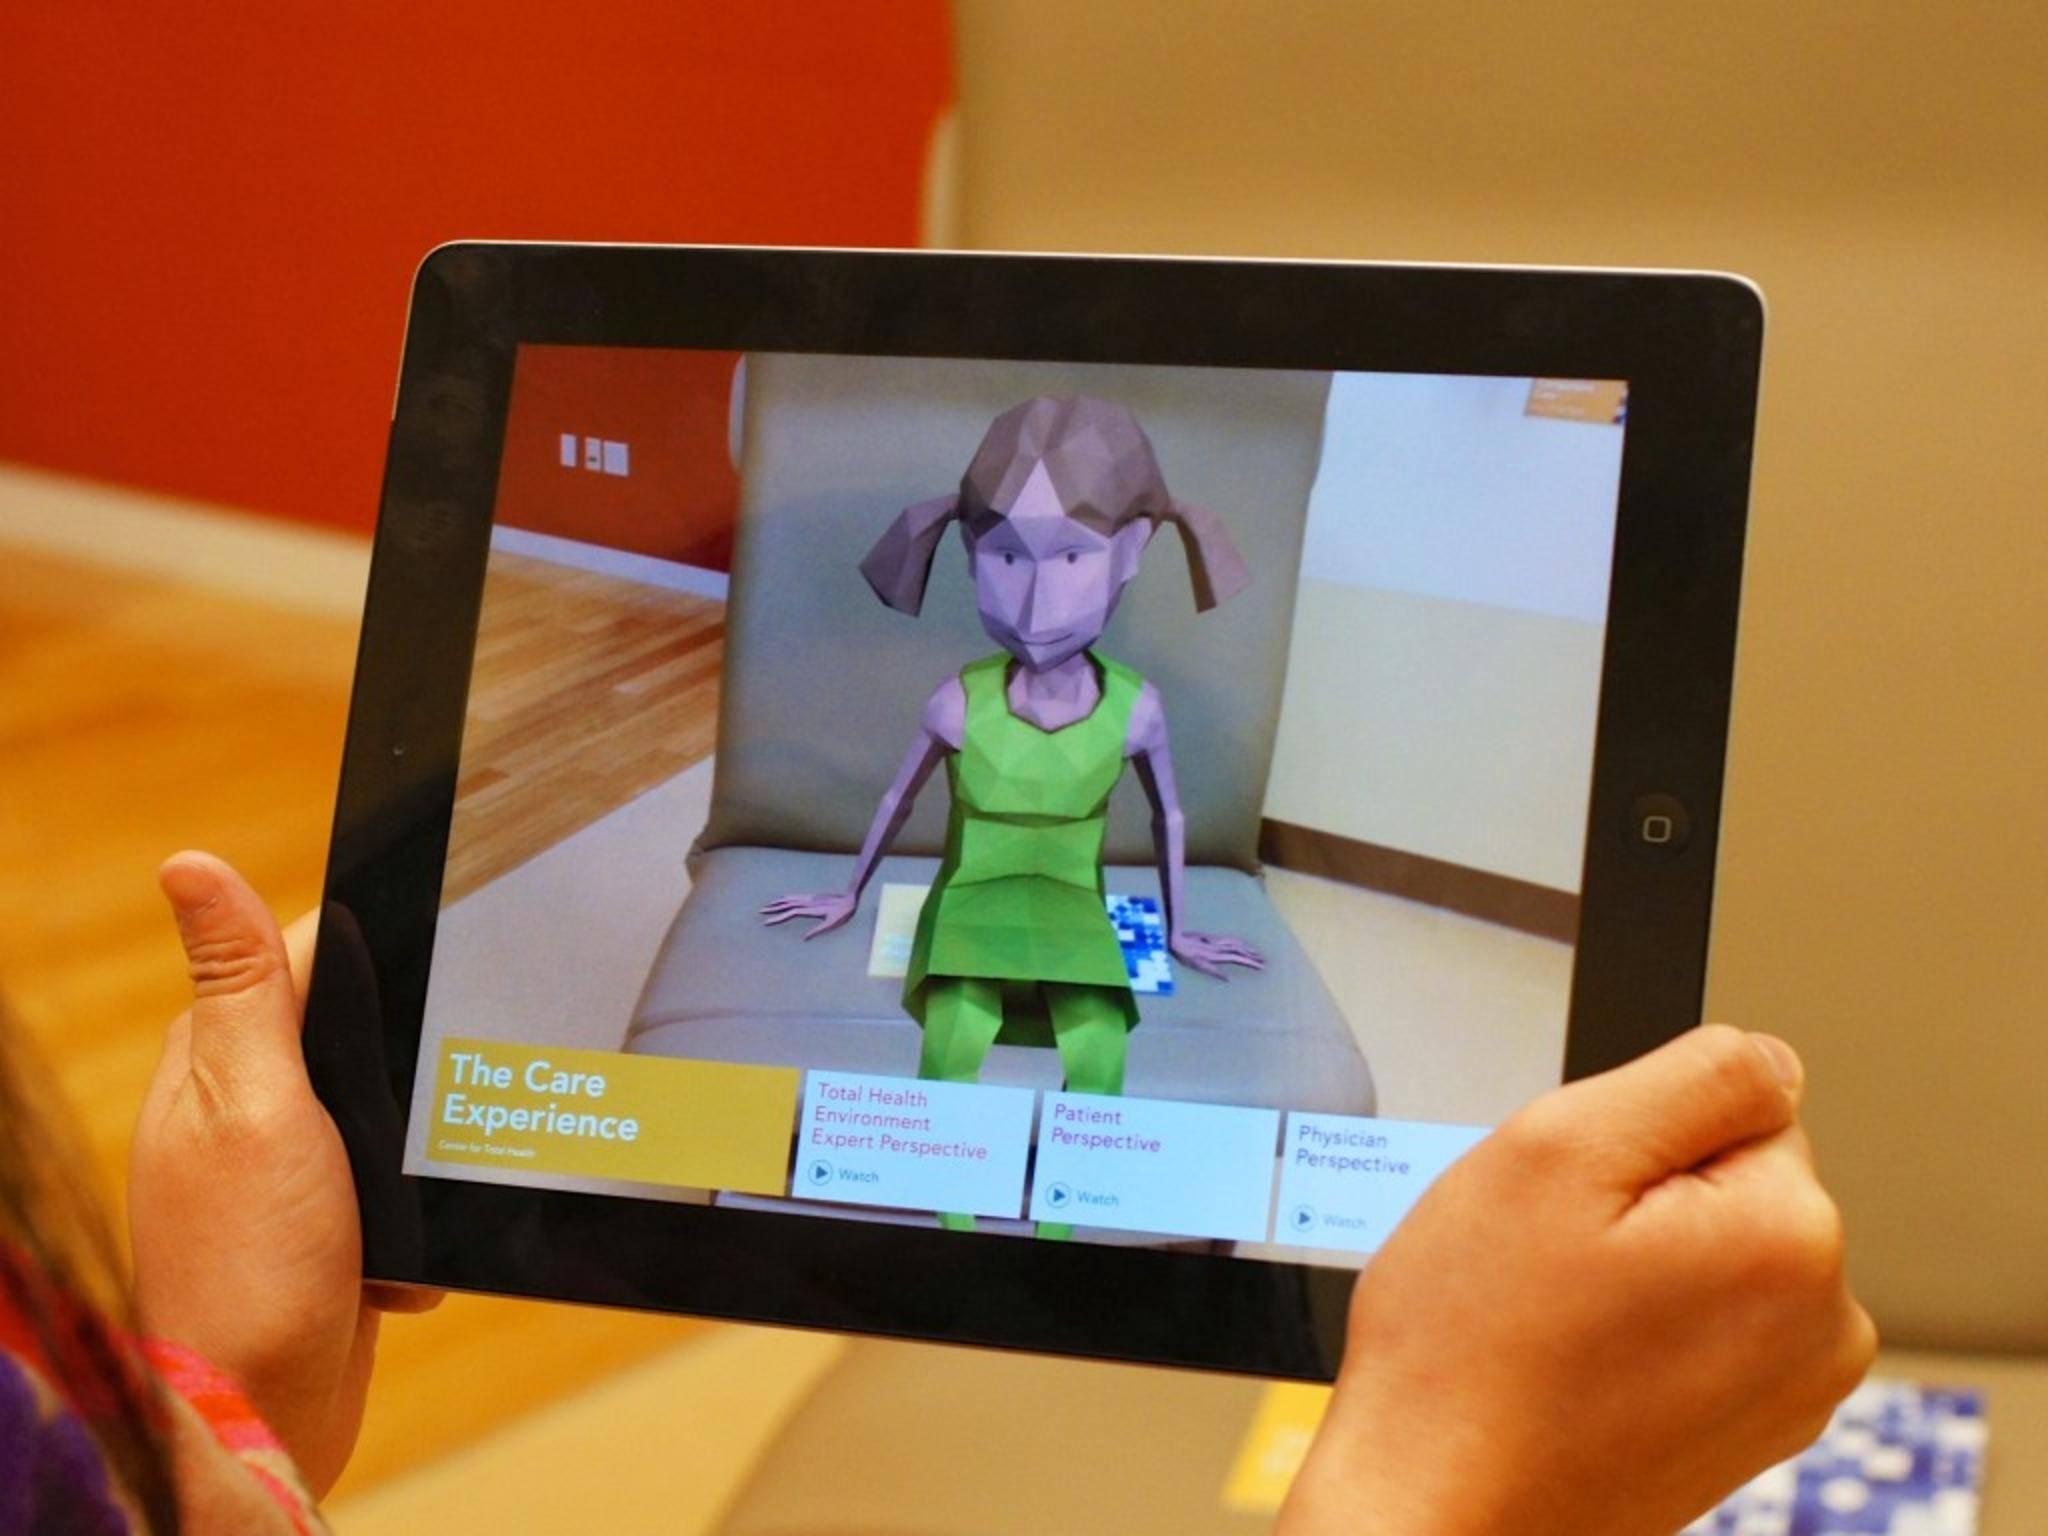 Augmented Reality-Anwendungen erweitern die Realität um computergenerierte Informationen.